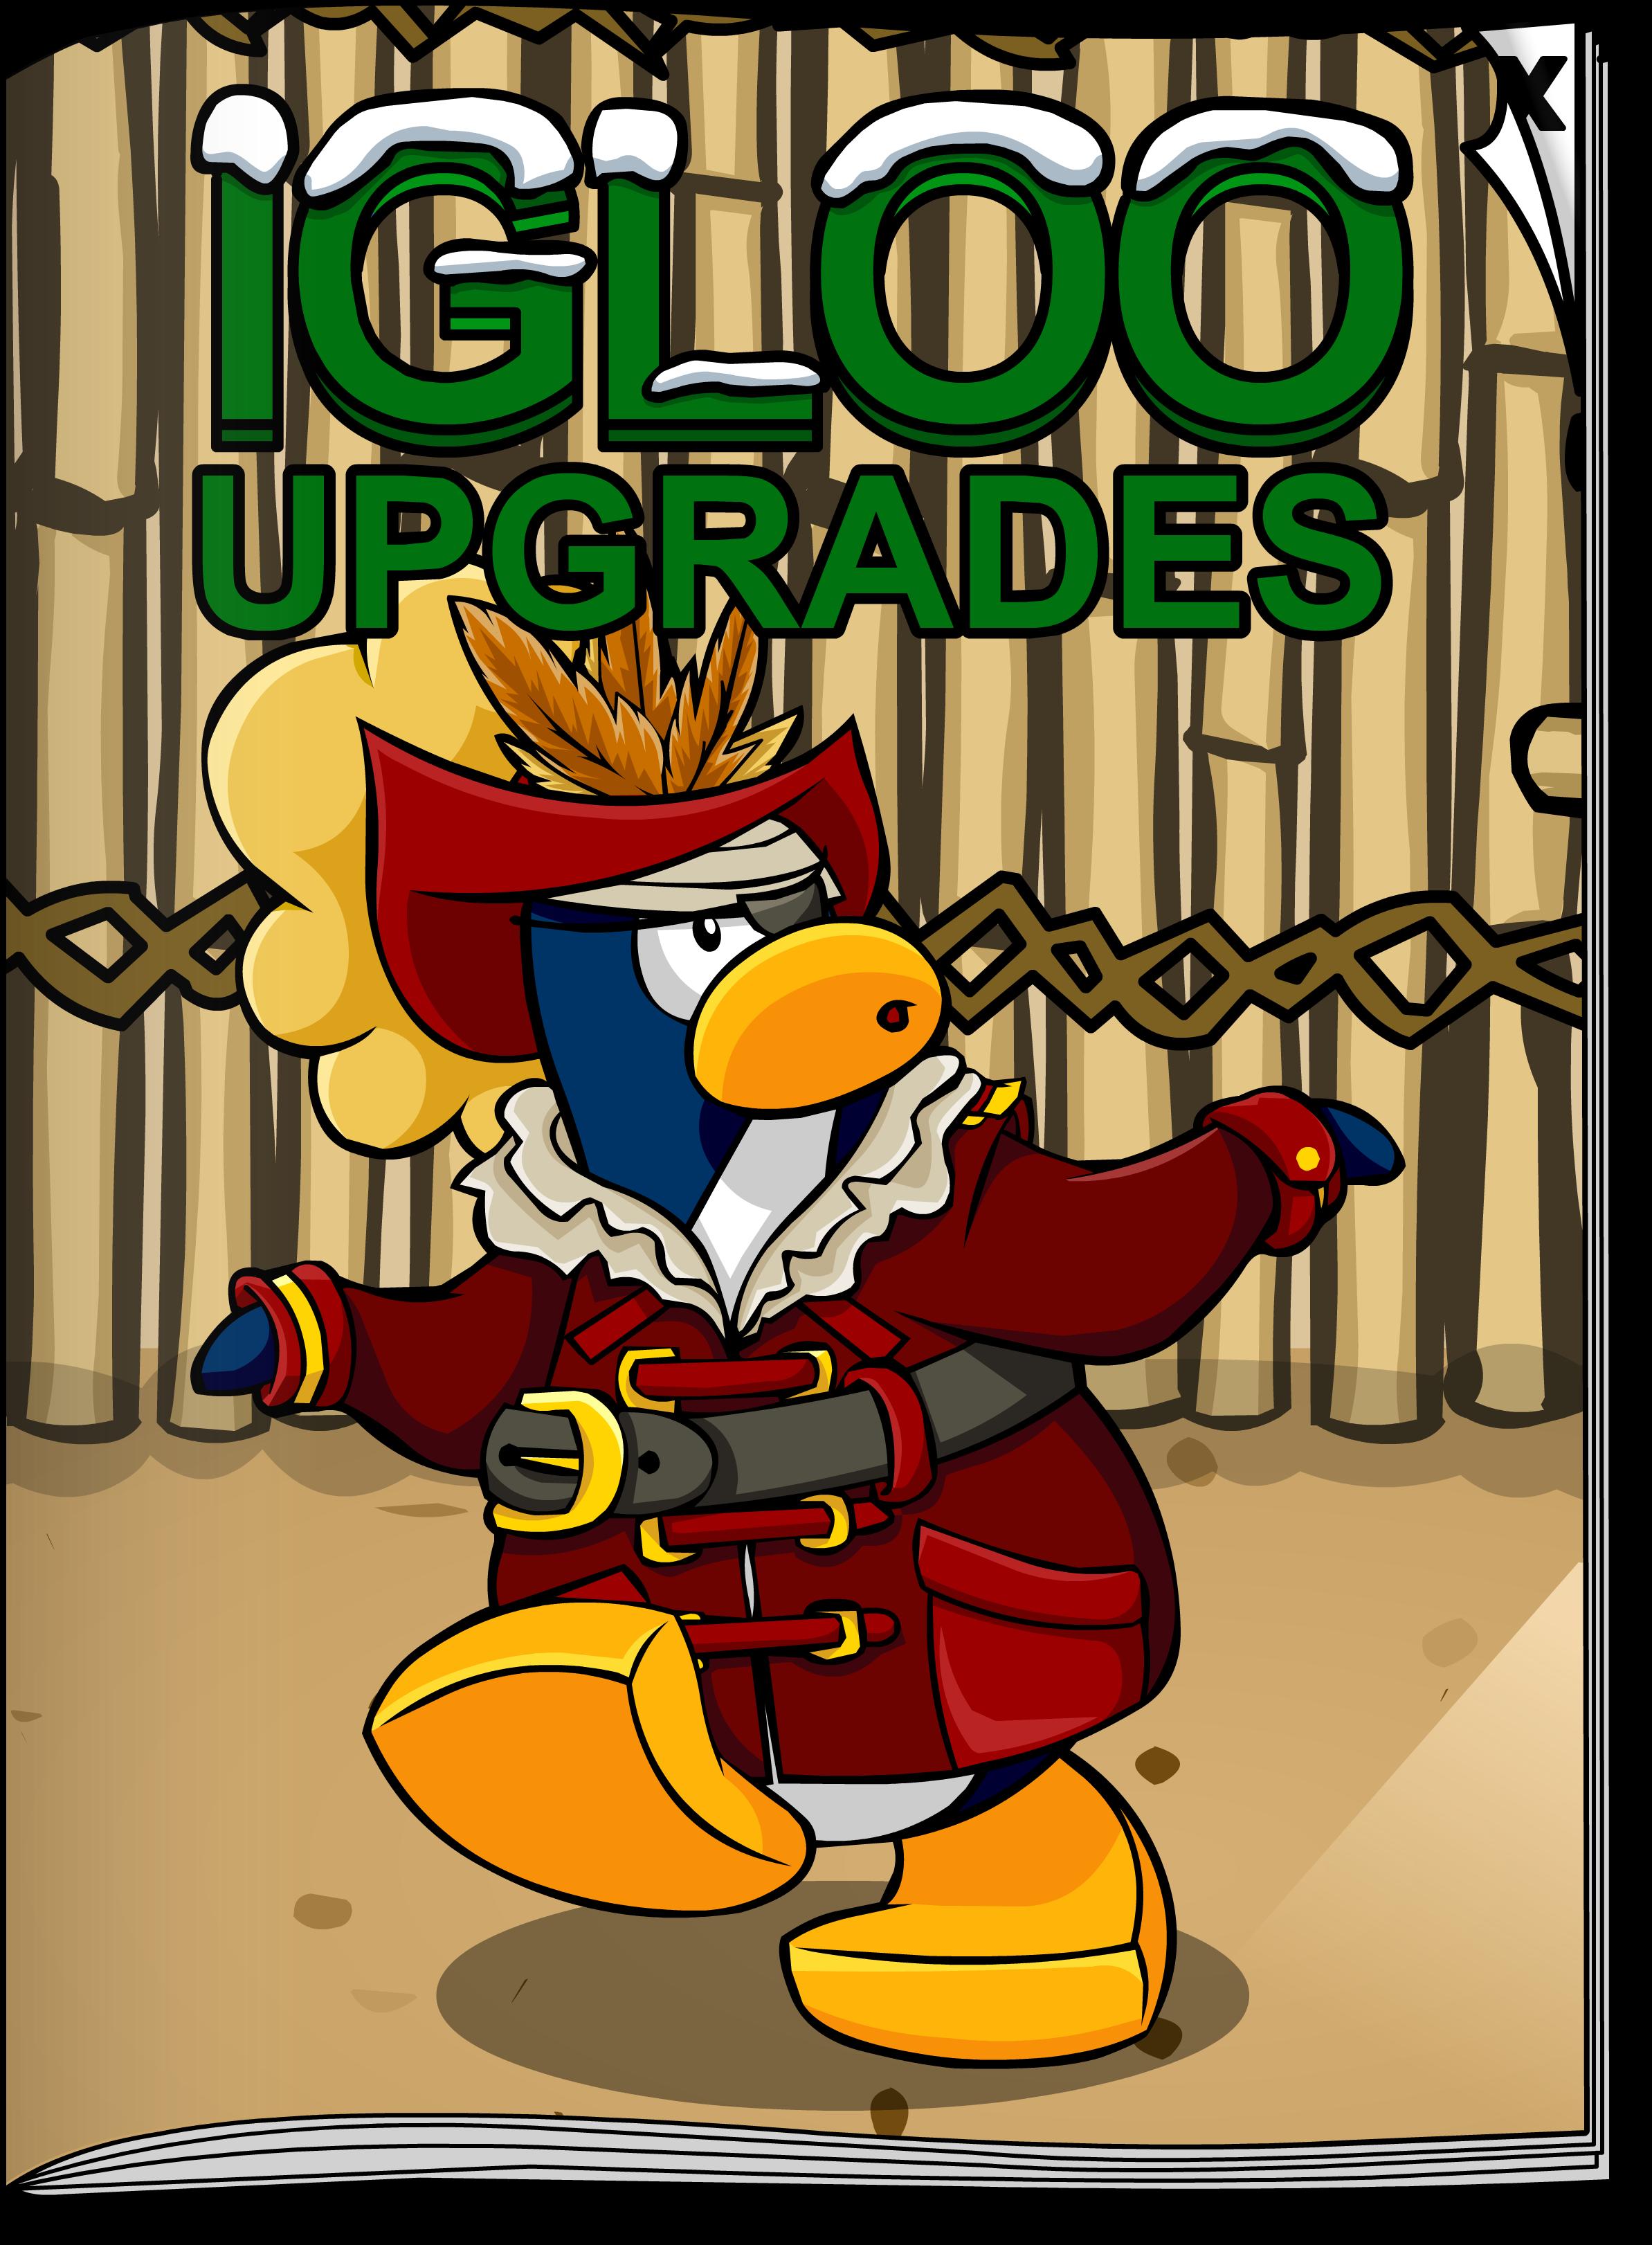 Igloo Upgrades Jun'19